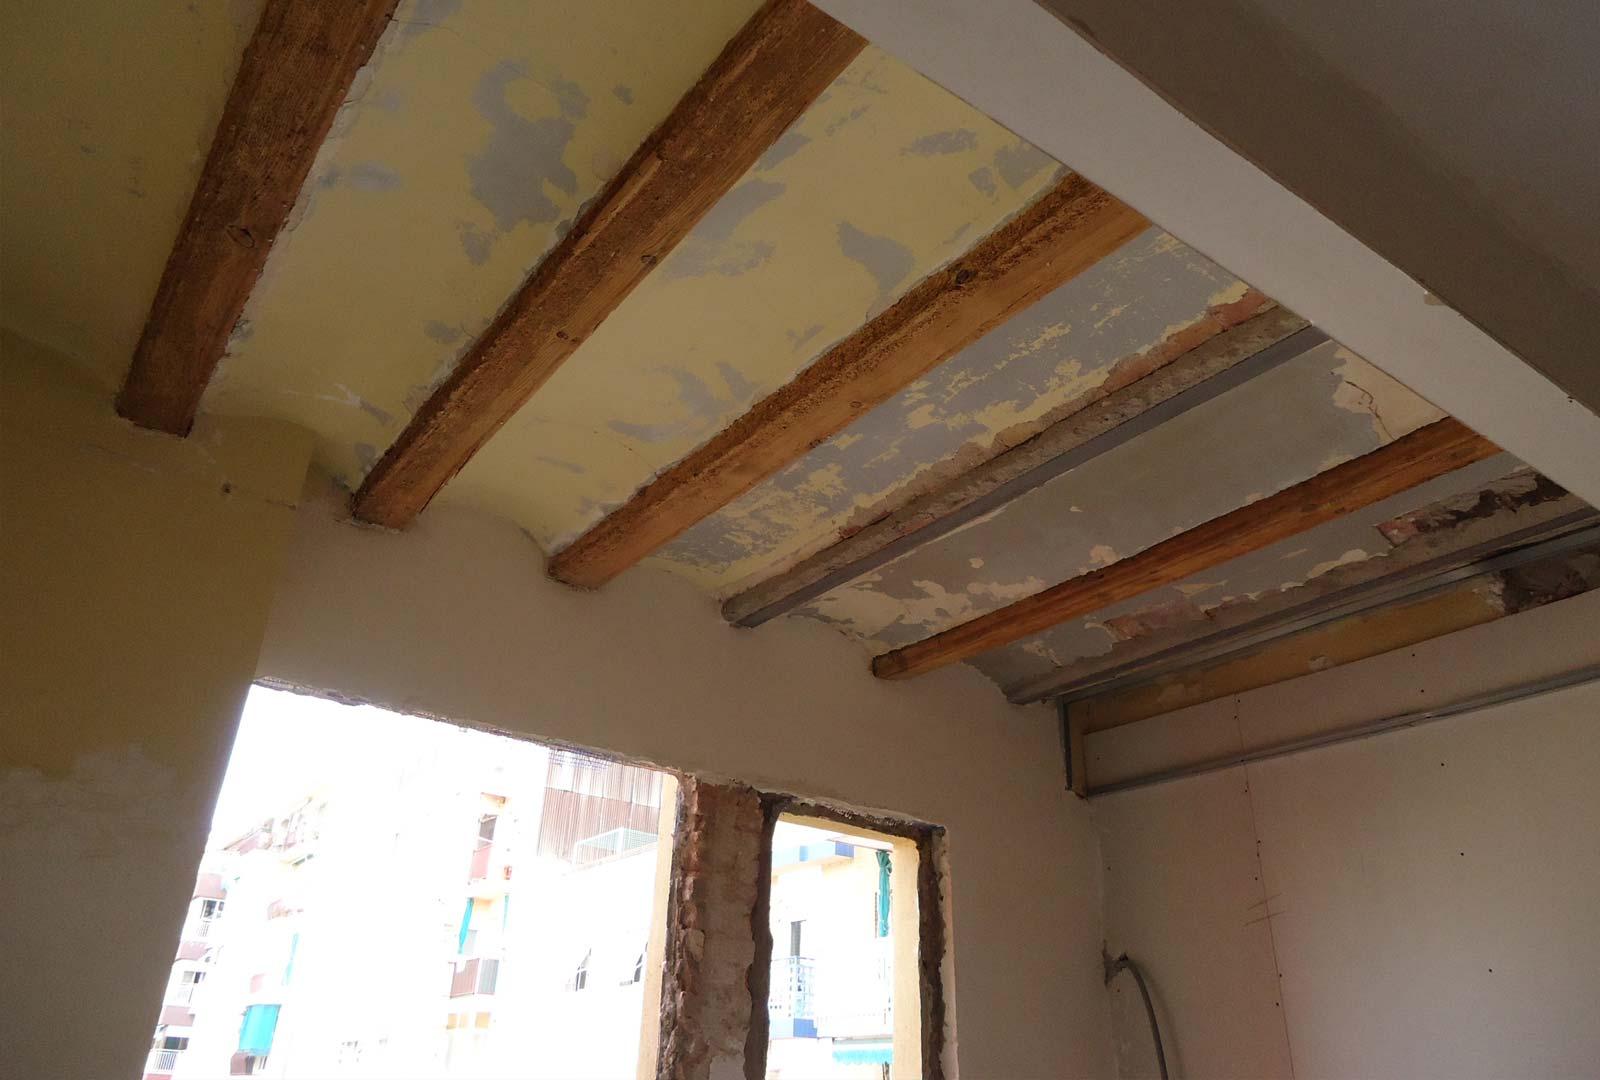 Rehabilitación bigas de madera / rehabilitación bigues de fusta